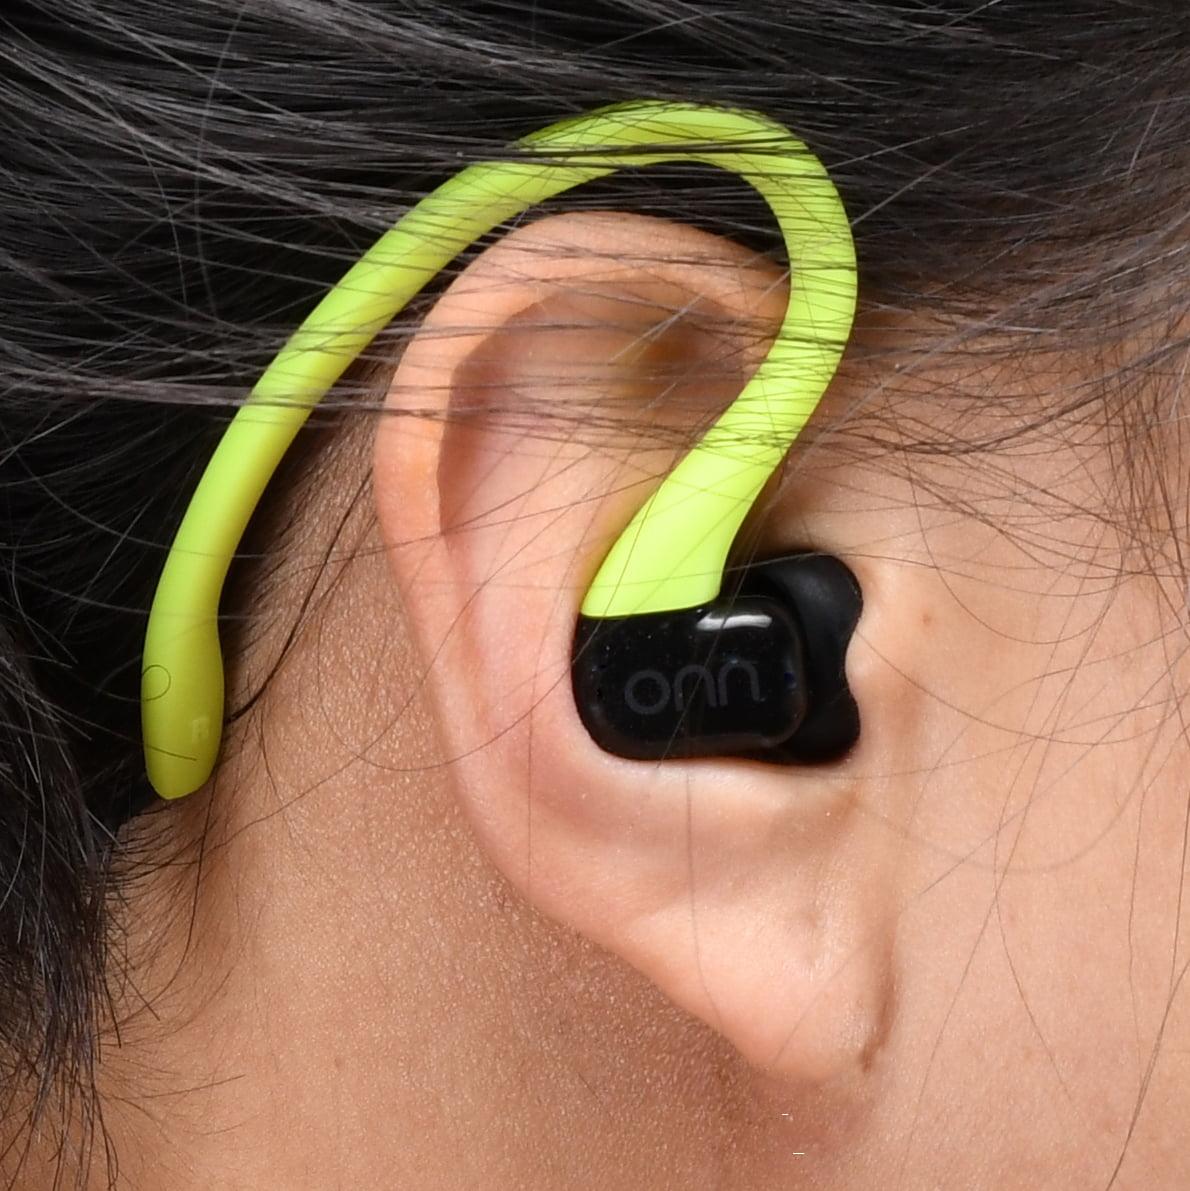 Onn Water-Resistant Sport Earbud Headphones, Neon